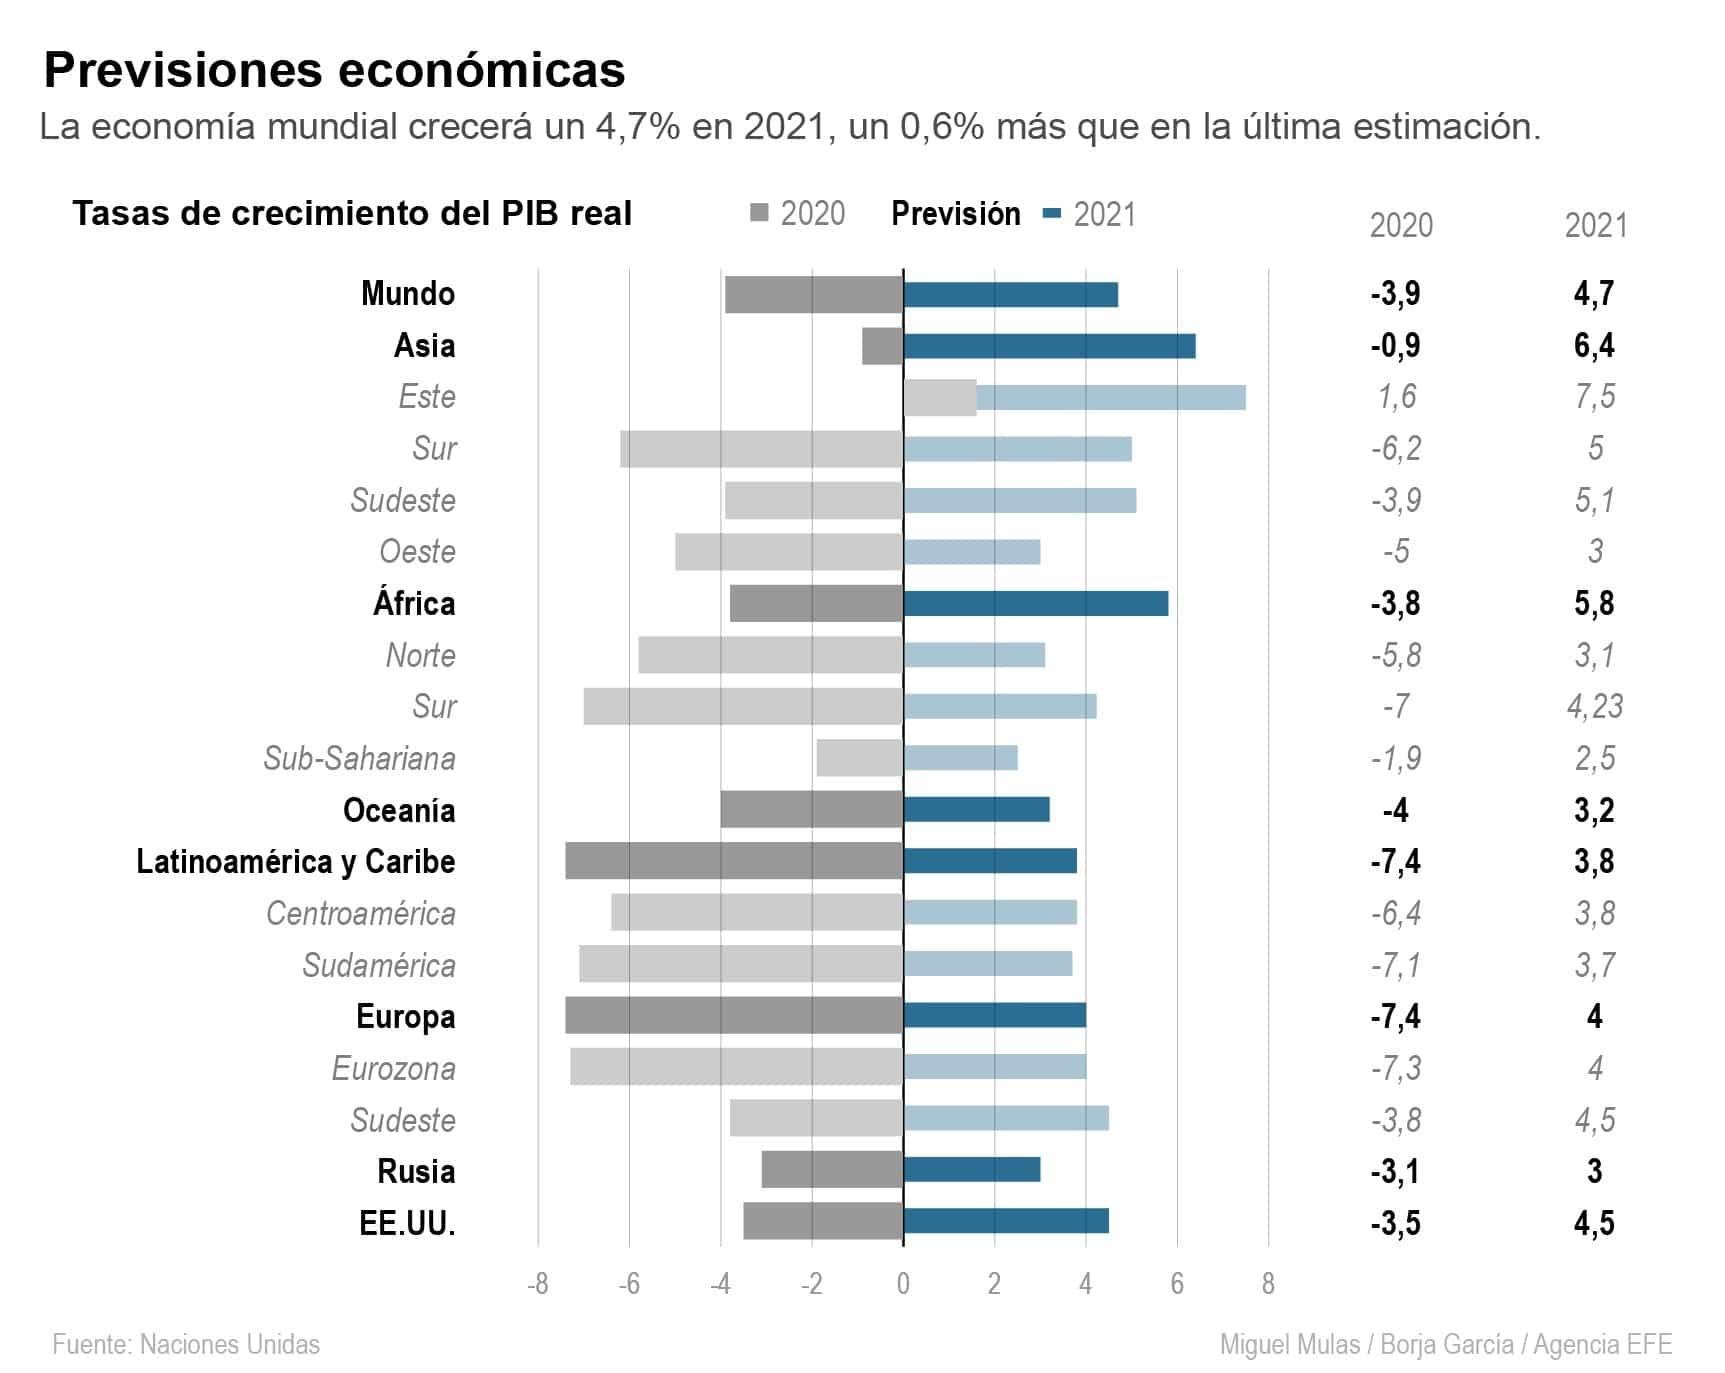 [Infografía] - La austeridad y el endeudamiento, las mayores amenazas de la economía global 1